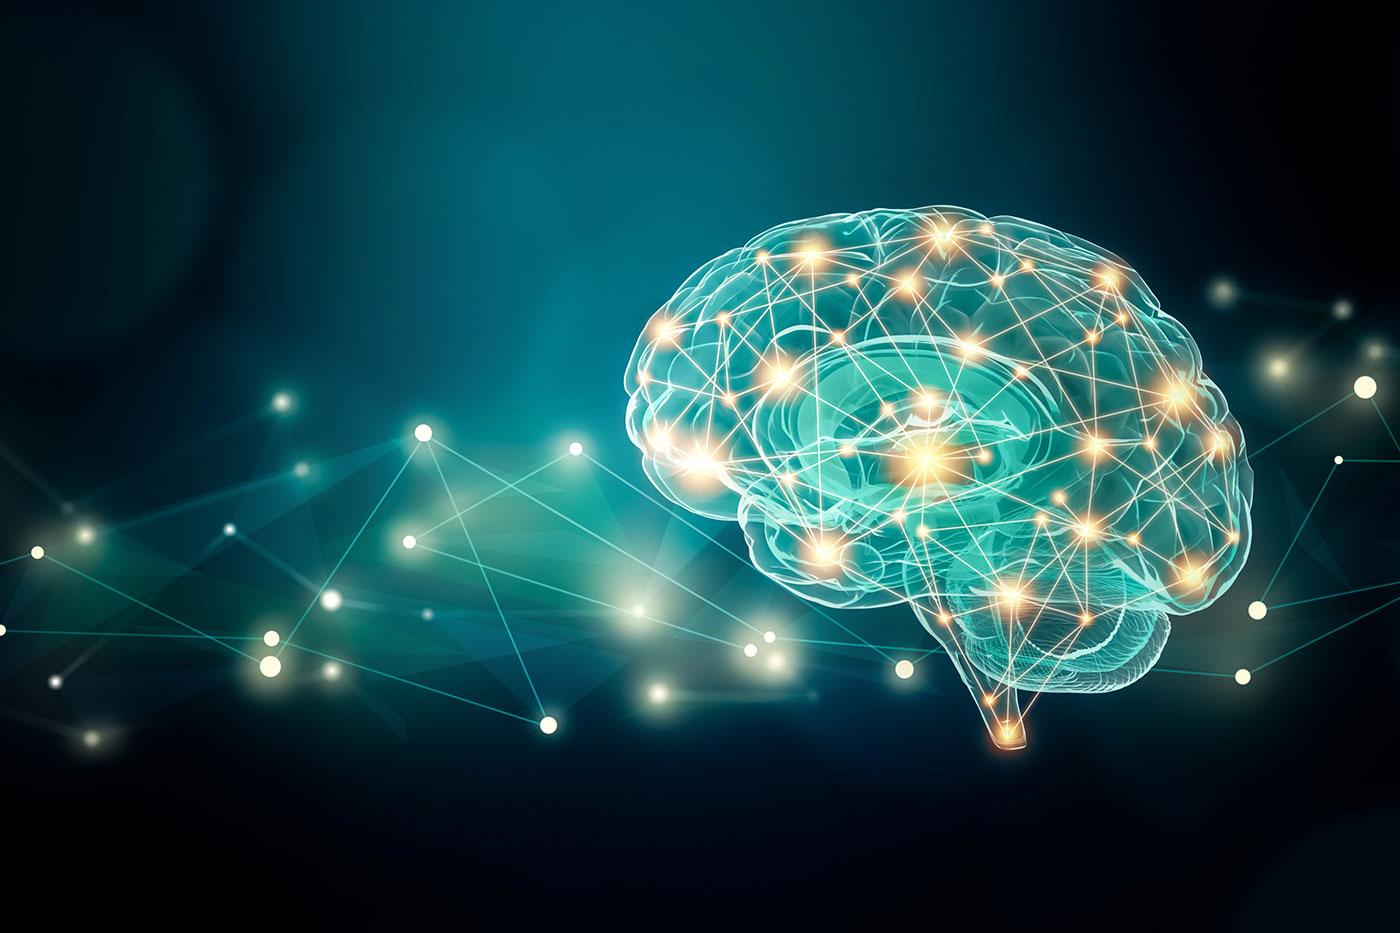 Gehirn mit Lichtfunken